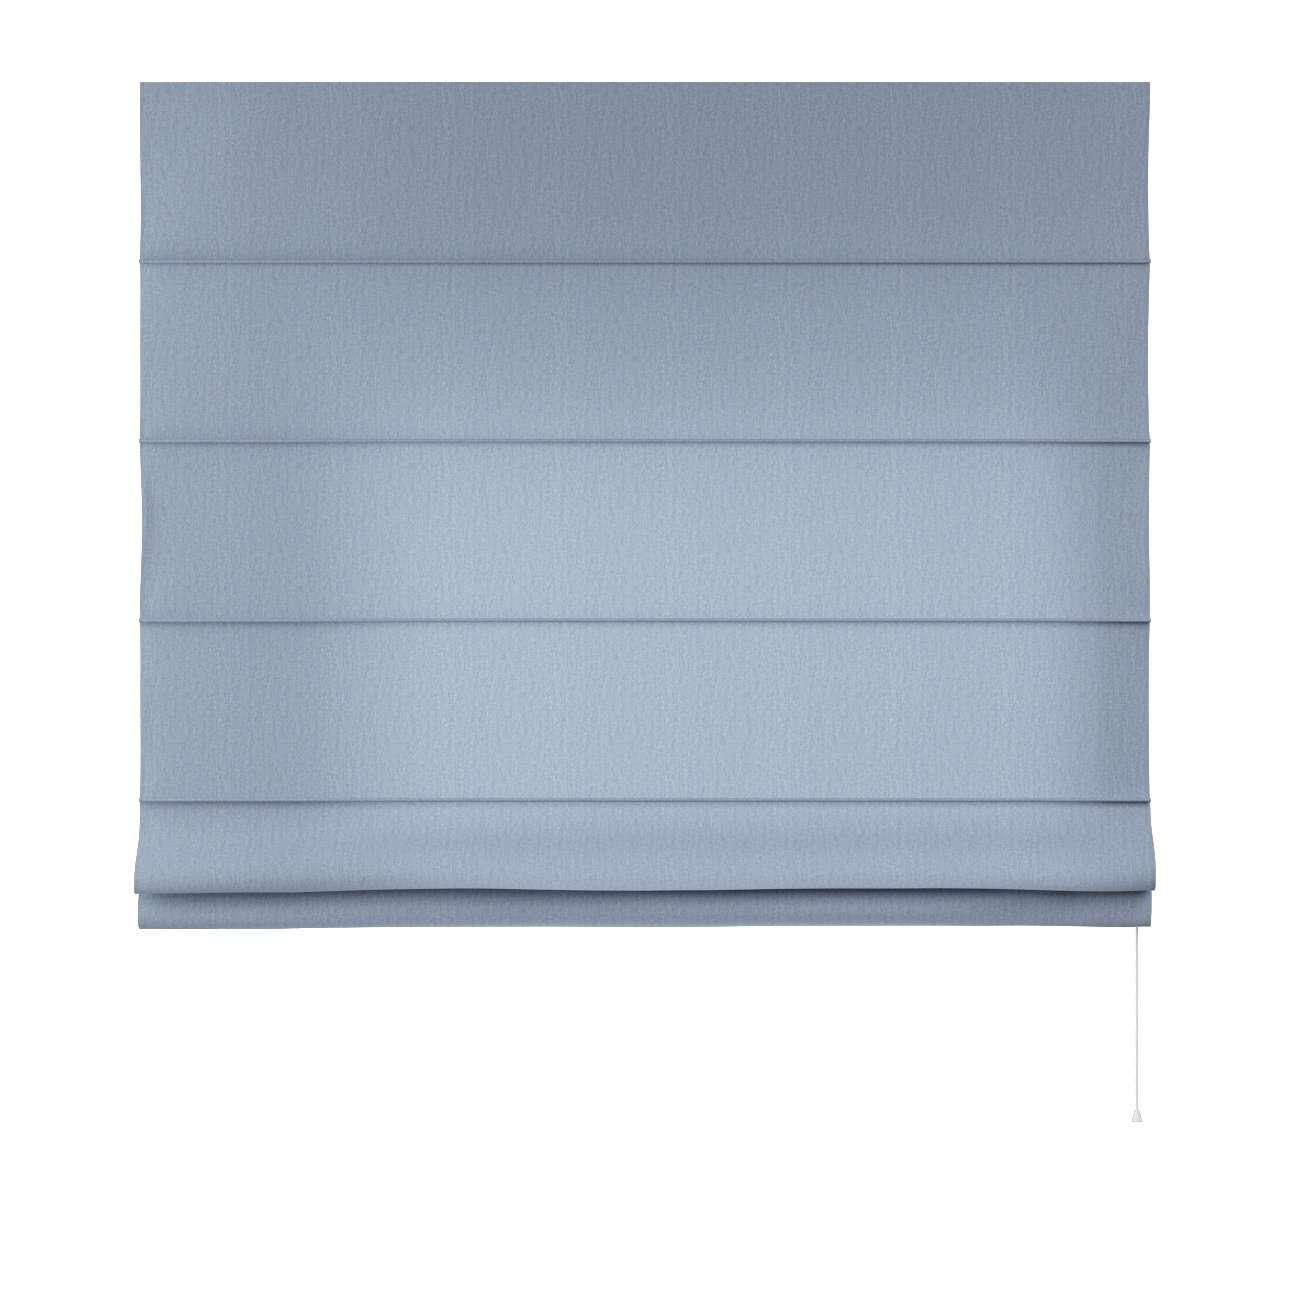 Foldegardin Capri<br/>Uden flæsekant 80 x 170 cm fra kollektionen Chenille, Stof: 702-13